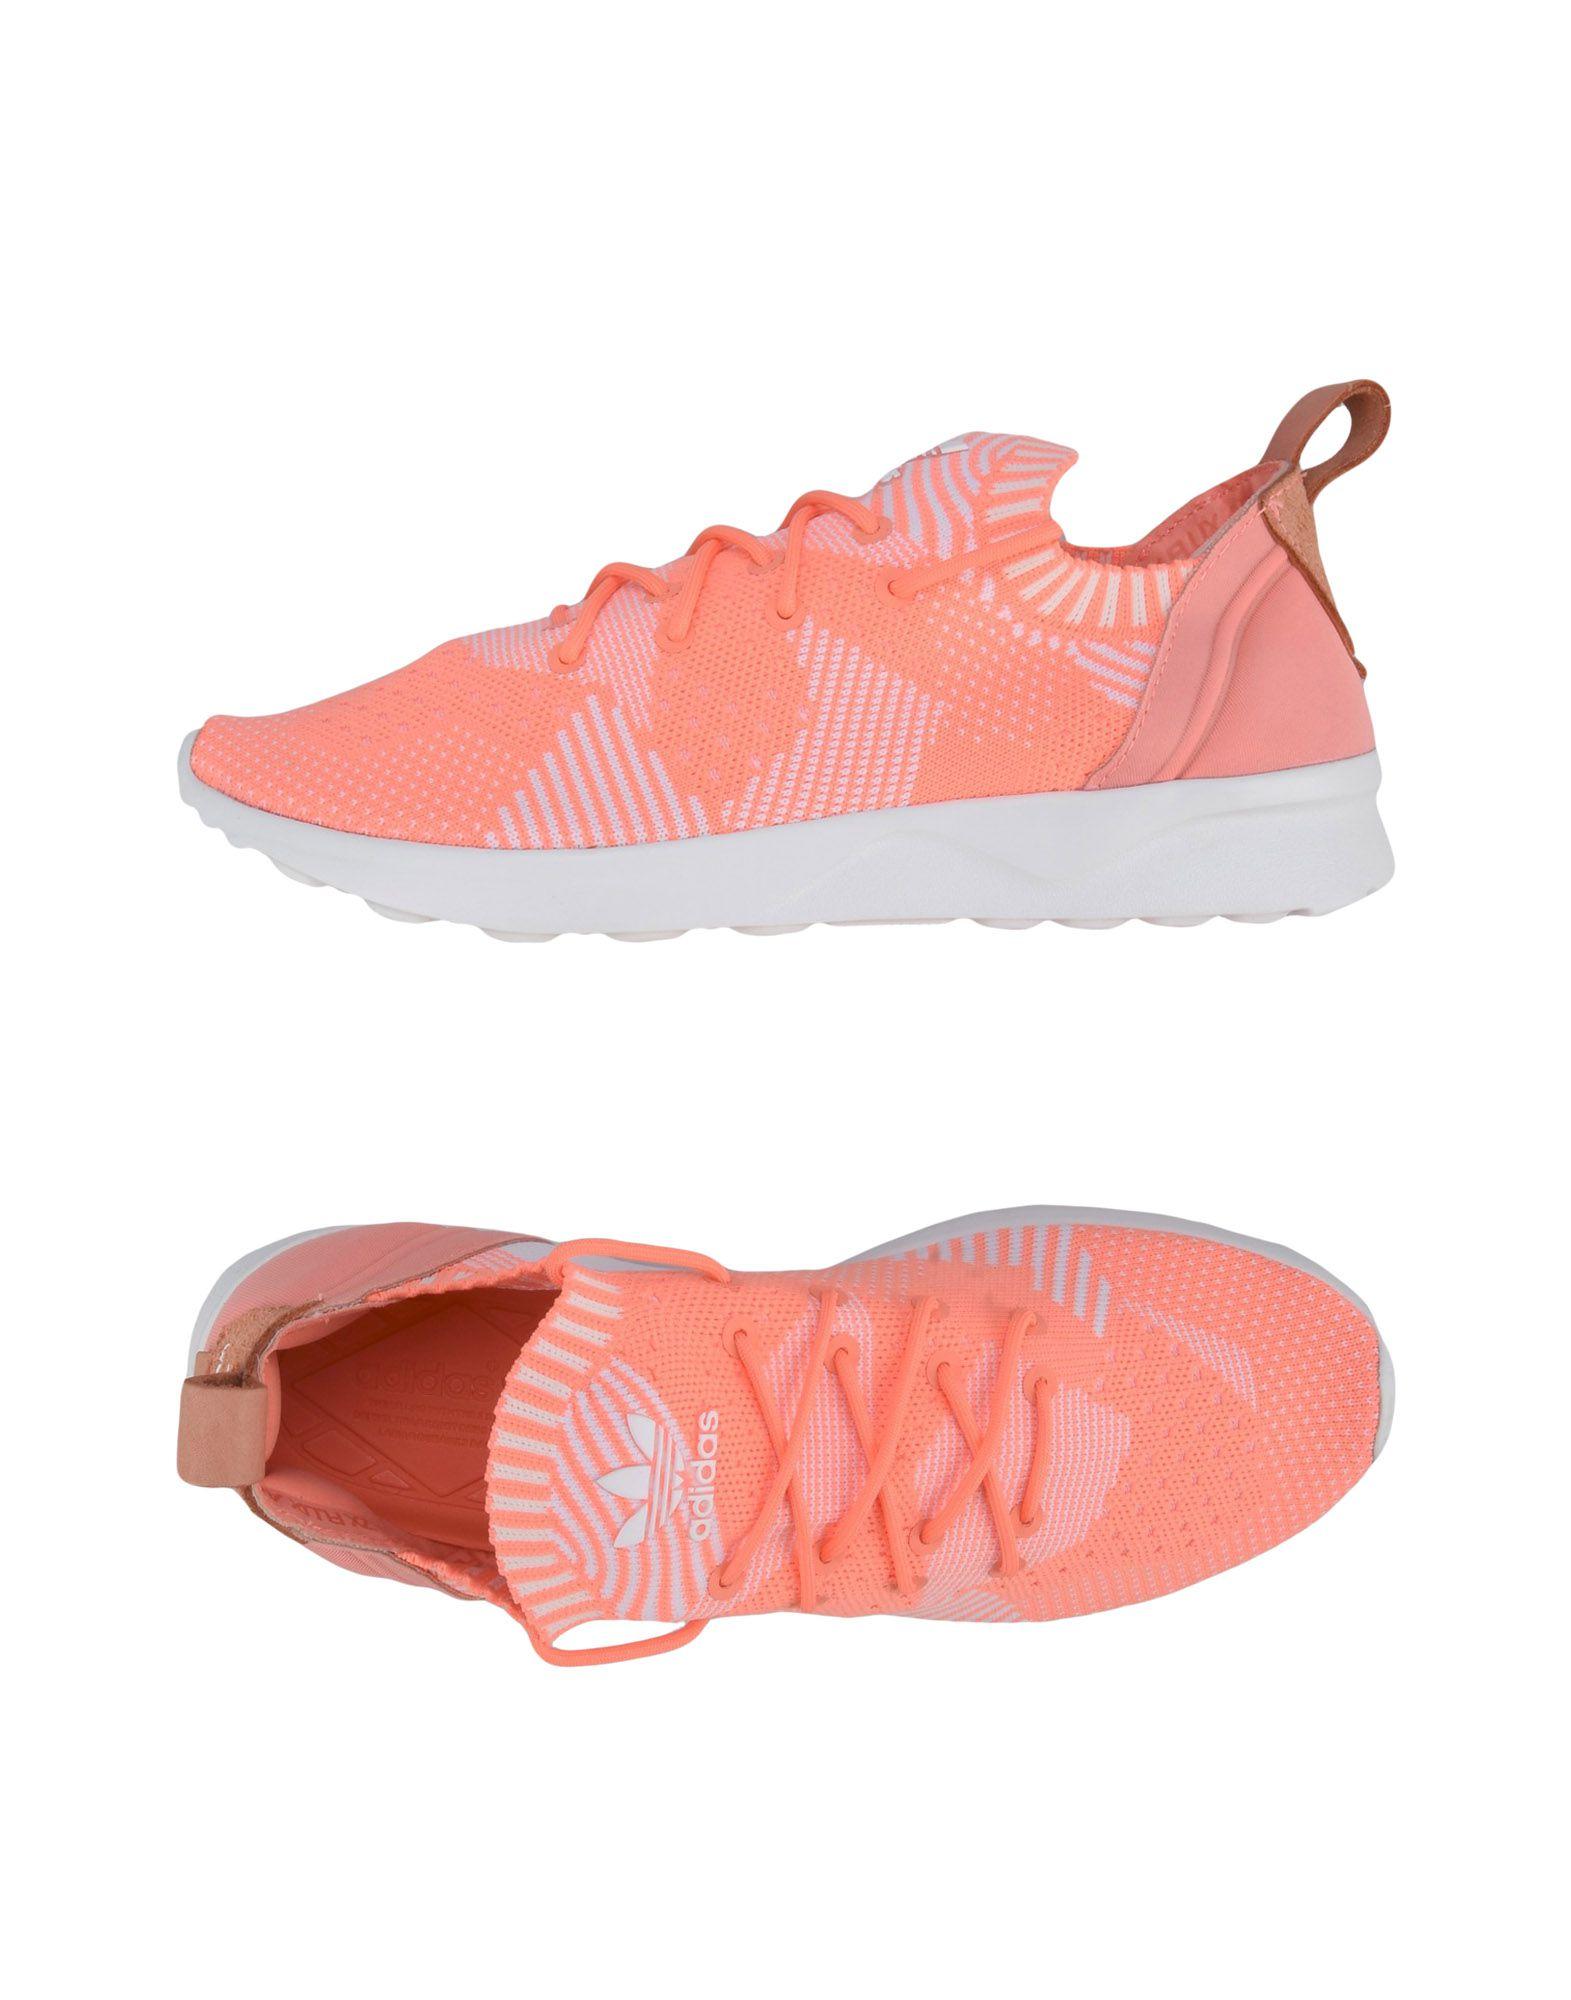 Baskets Adidas Originals Zx Flux Adv Virtue - Femme - Baskets Adidas Originals Saumon Dernières chaussures discount pour hommes et femmes